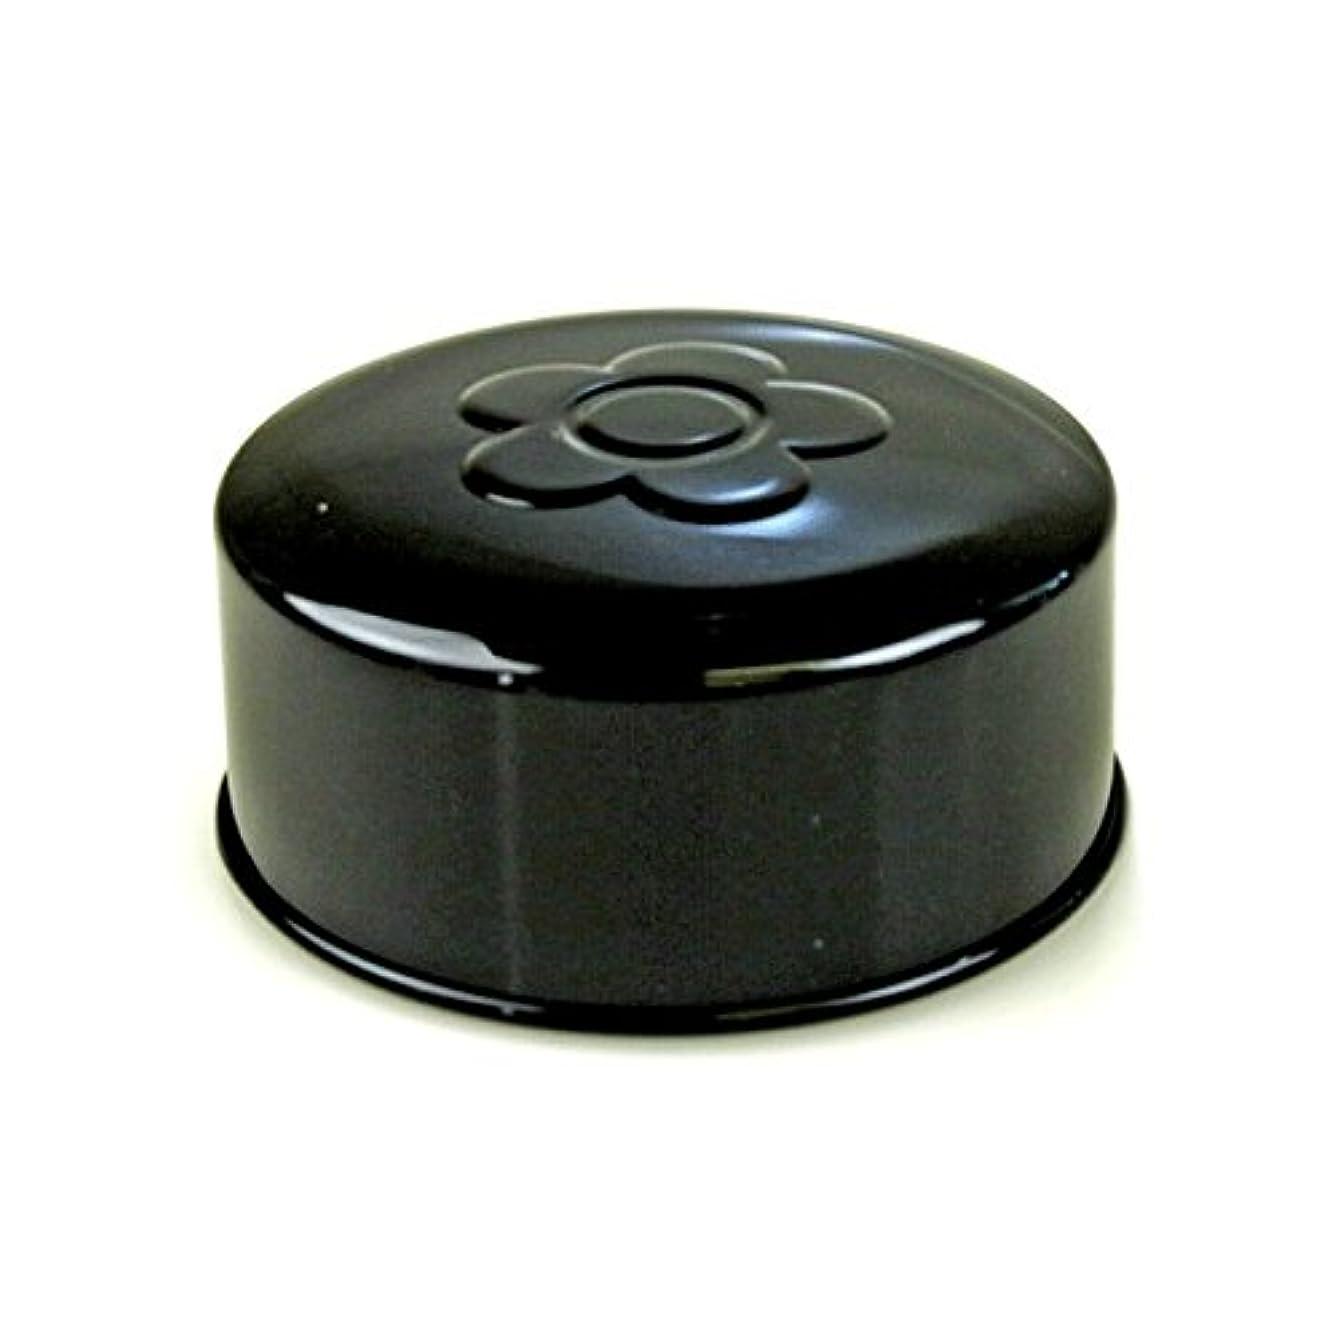 生産性ひいきにする薬を飲む(マリークワント)MARY QUANT アクセサリーケース ボックス パウダー 小物入れ メイク小道具 化粧 コスメ デイジー 花柄 フラワー ブラック ラウンド 化粧 メイク コスメ